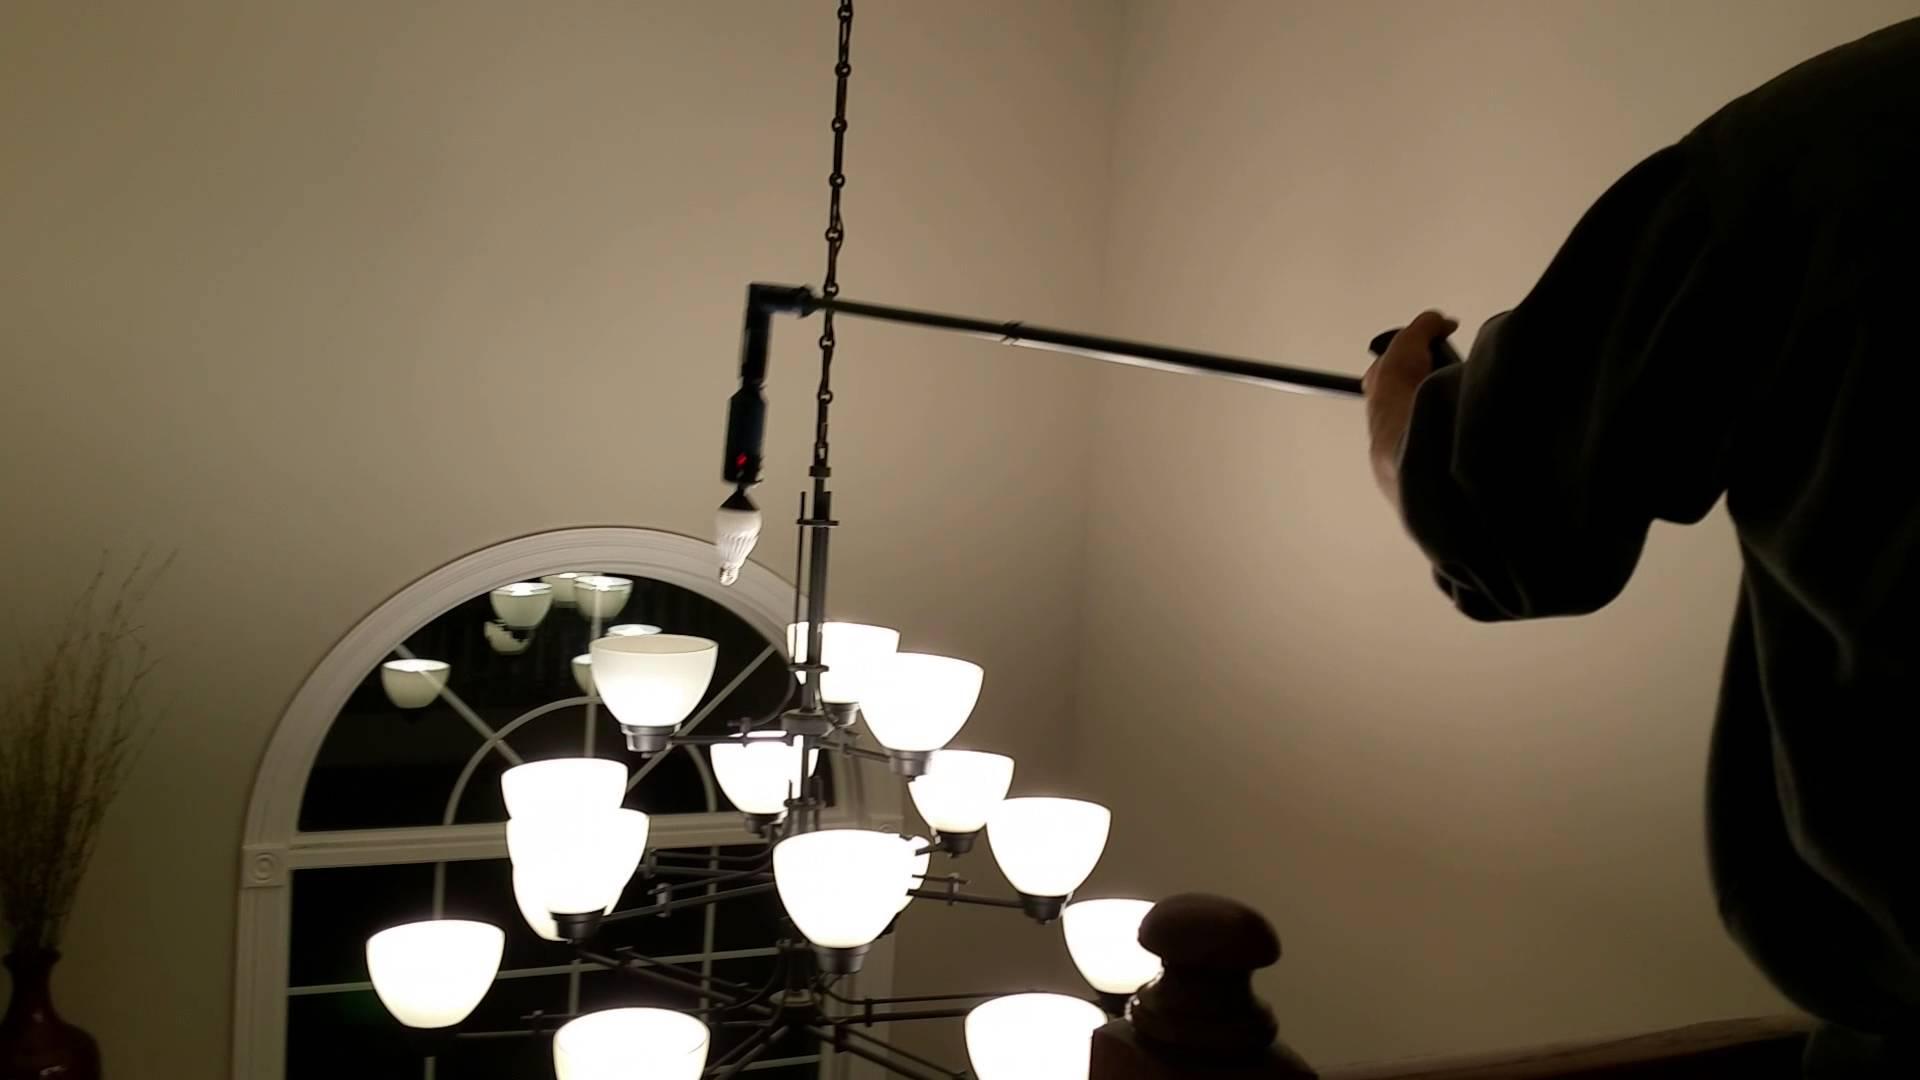 High Ceiling Light Changer Gnubies Org